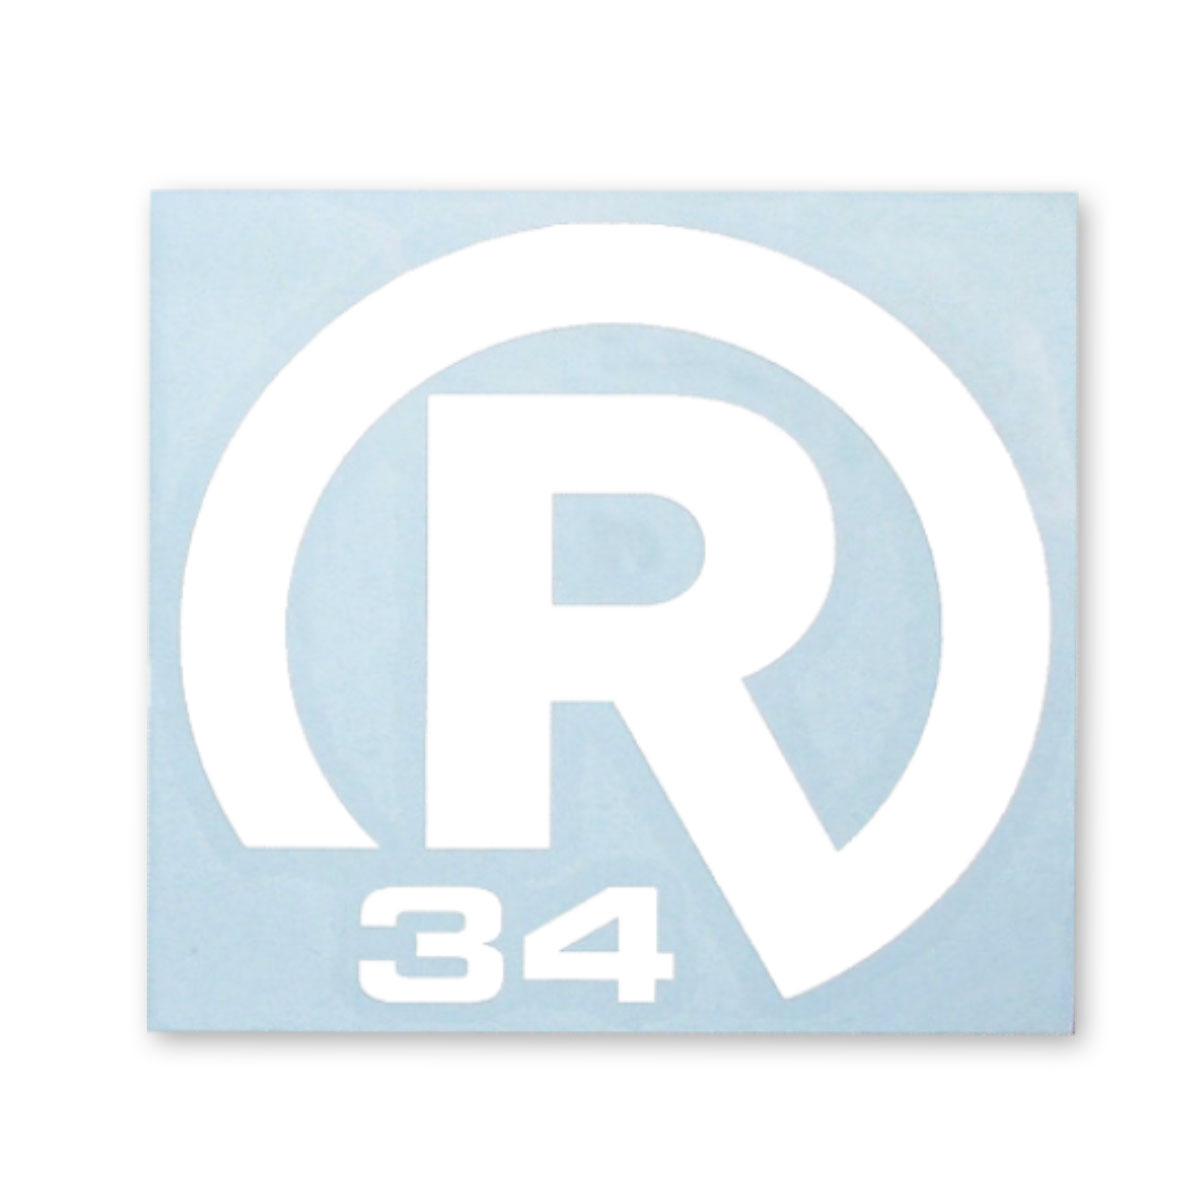 STICKER R34  Lサイズ